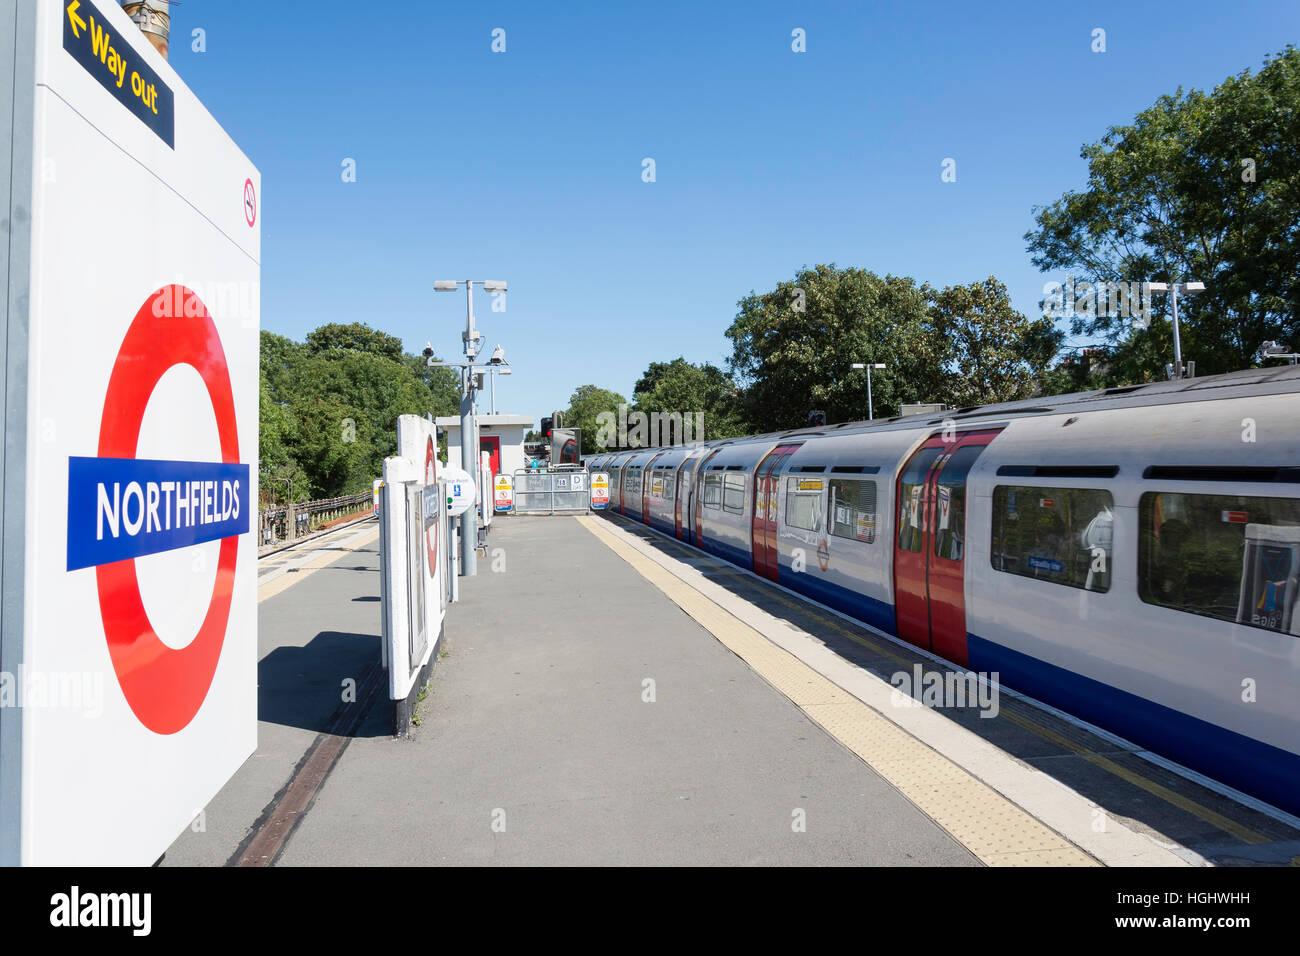 Northfields Underground Station, Northfields, London Borough of Ealing, Greater London, England, United Kingdom - Stock Image